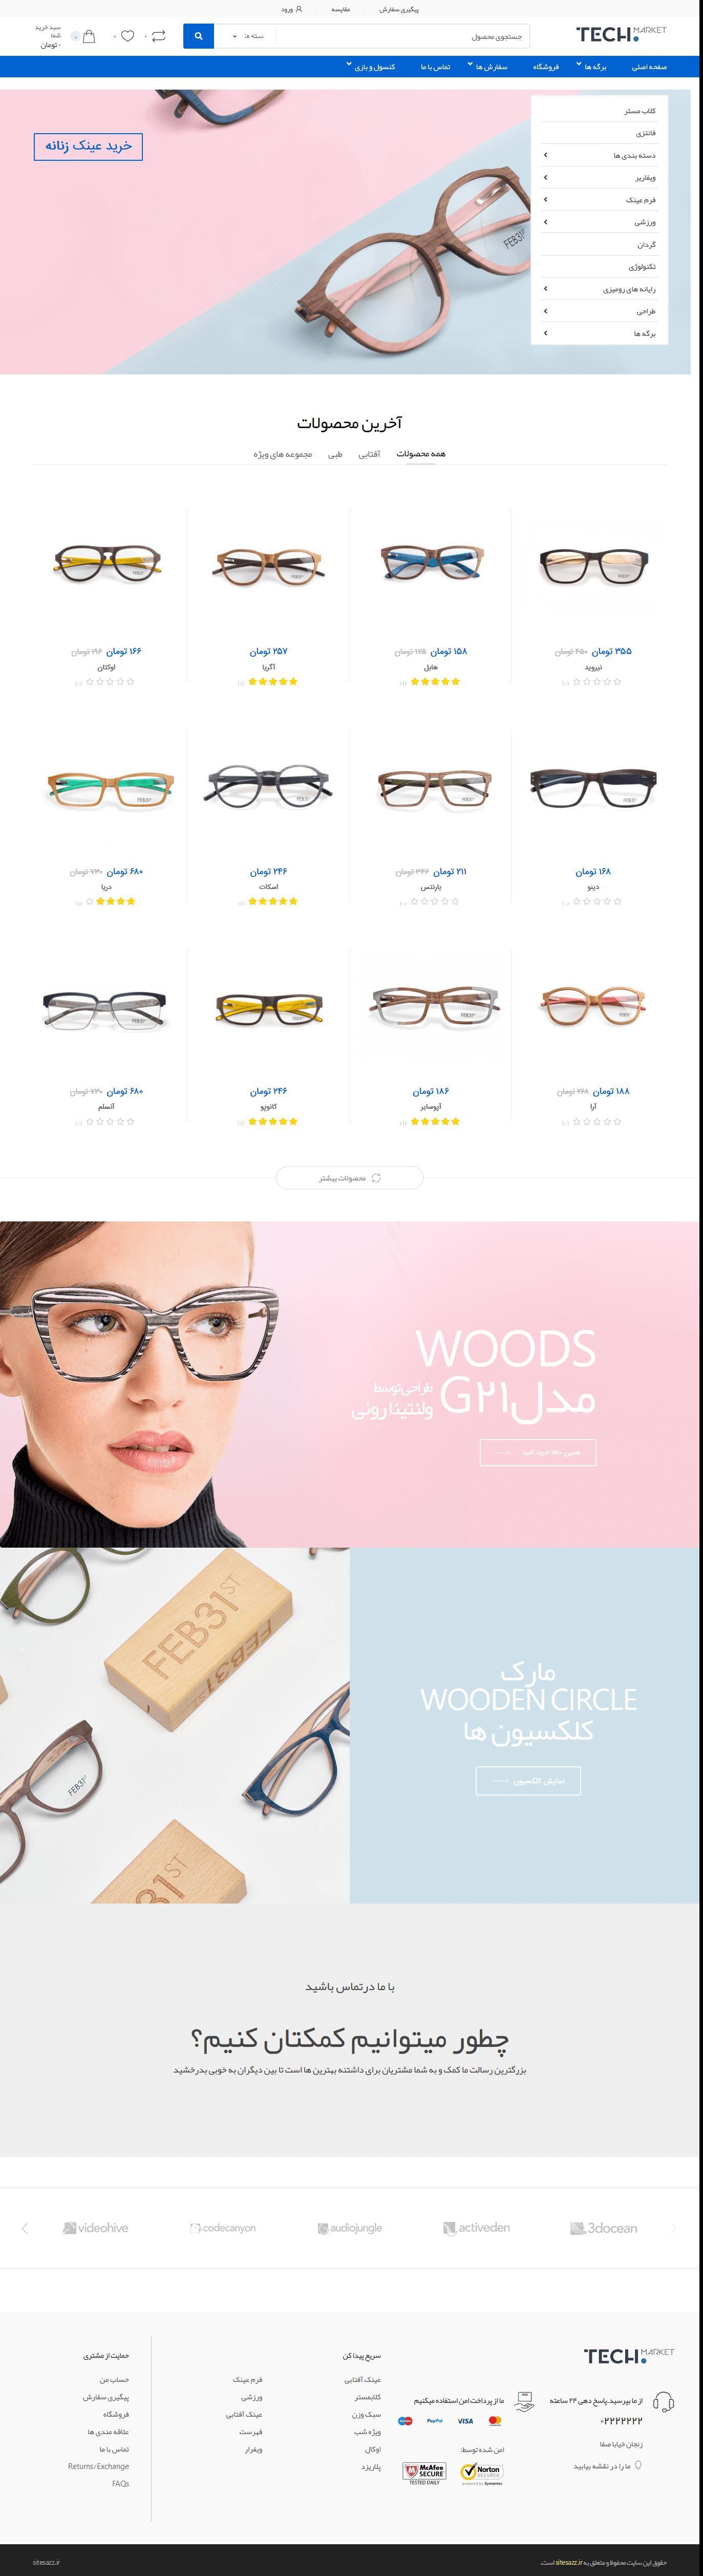 وب سایت شرکتی فروشگاهی کیهان